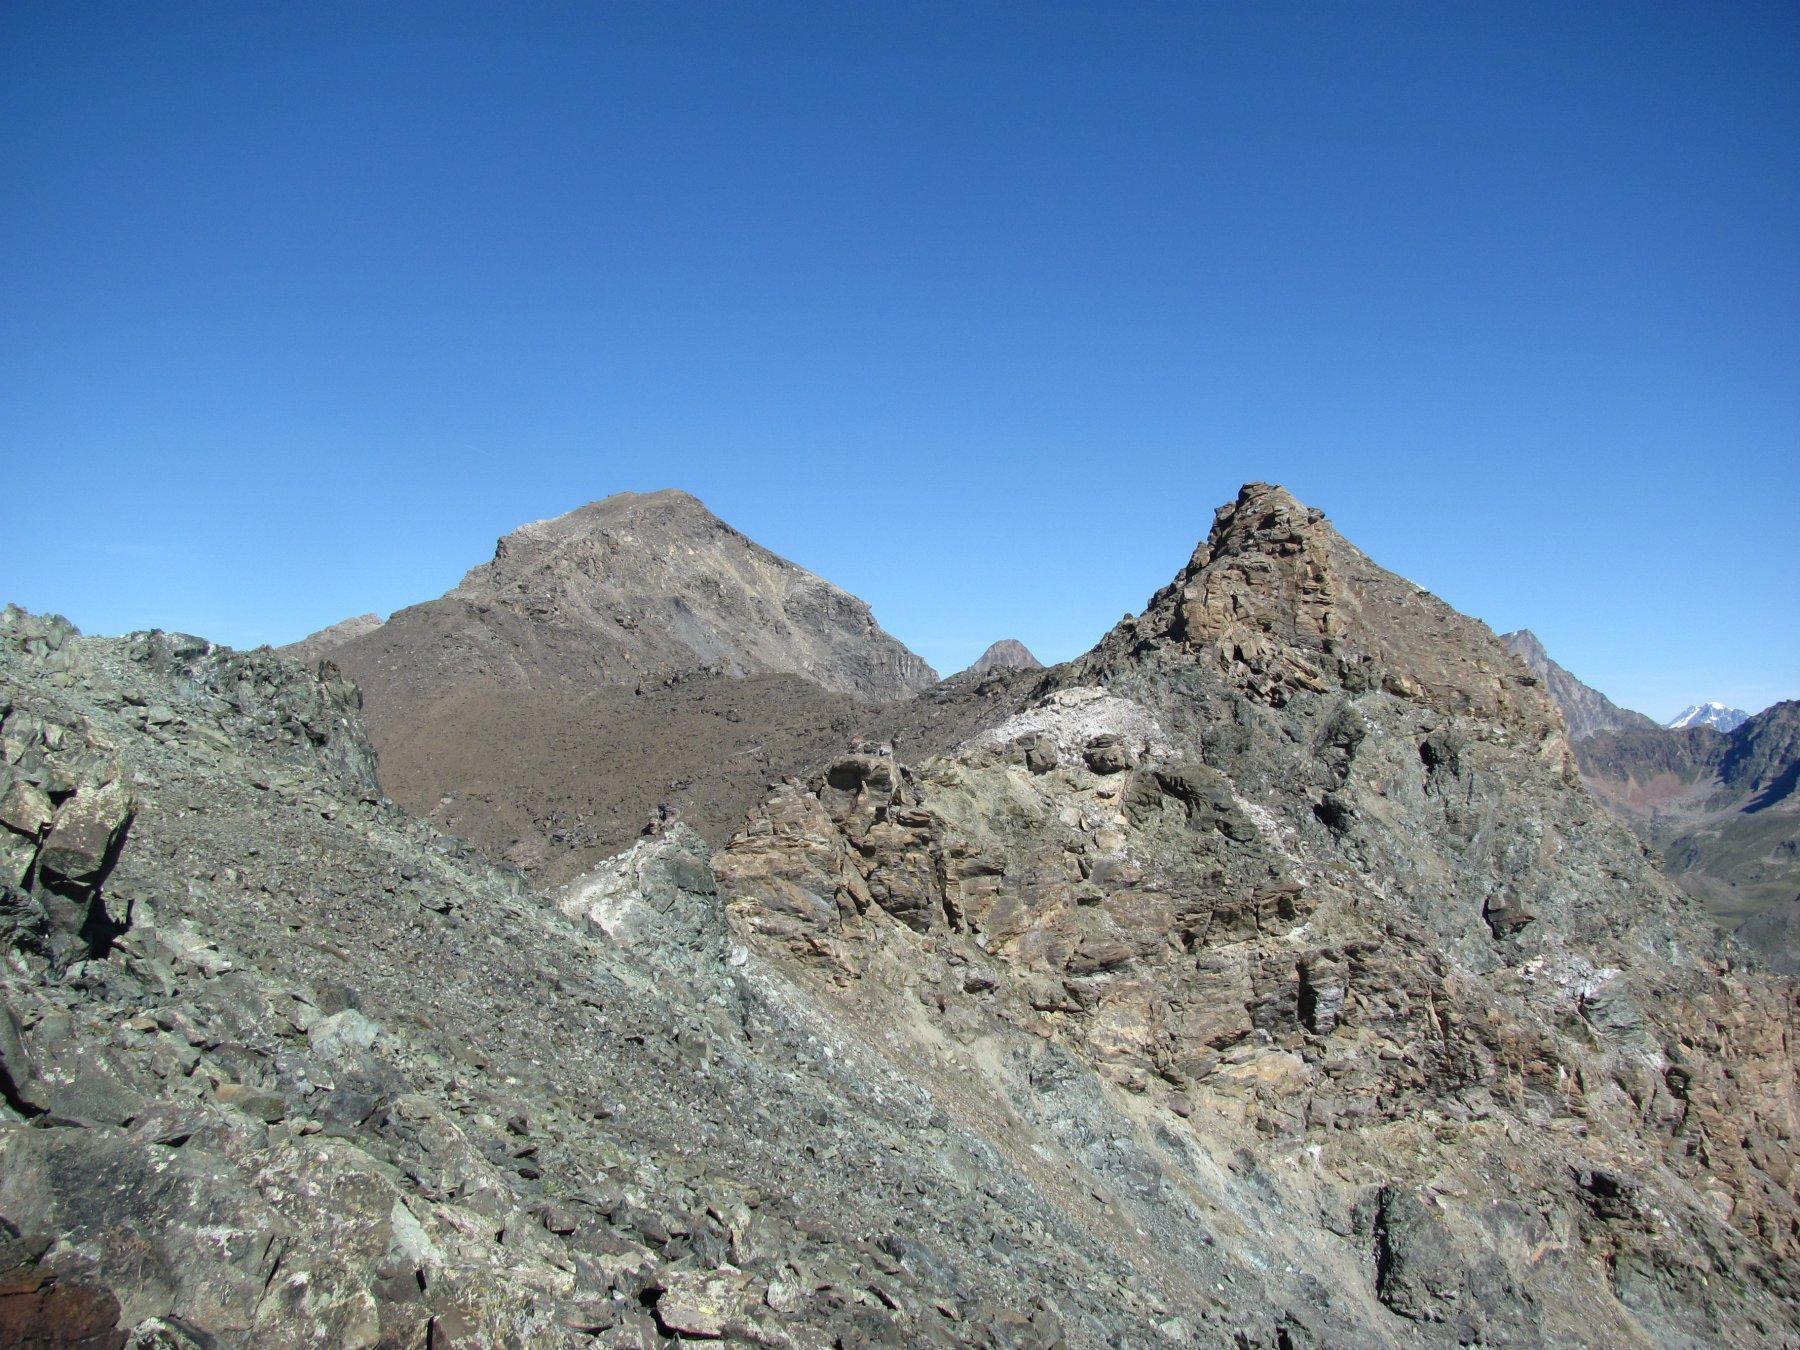 La cima della Penne Blanche, con parte della cresta percorsa